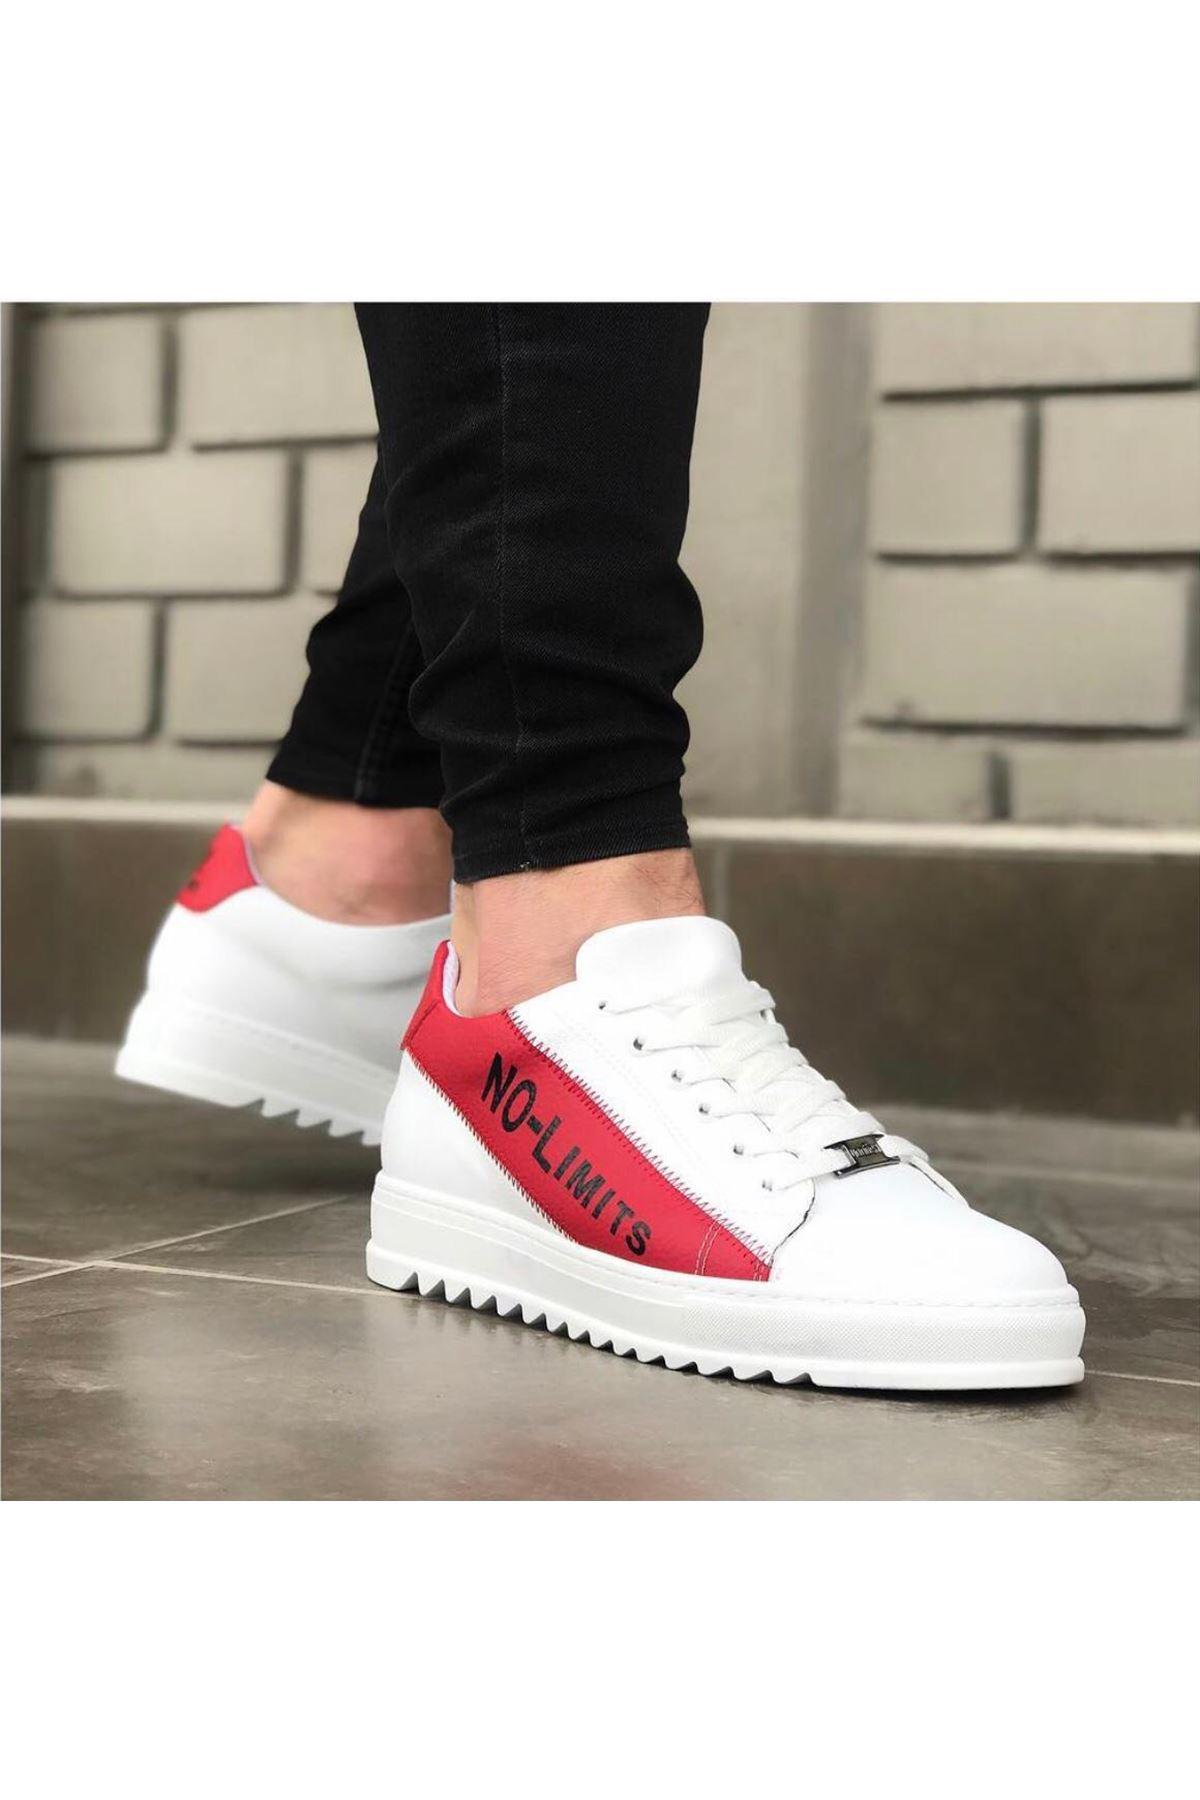 Wagoon WG027 Beyaz Kırmızı No Limit Erkek Casual Ayakkabı